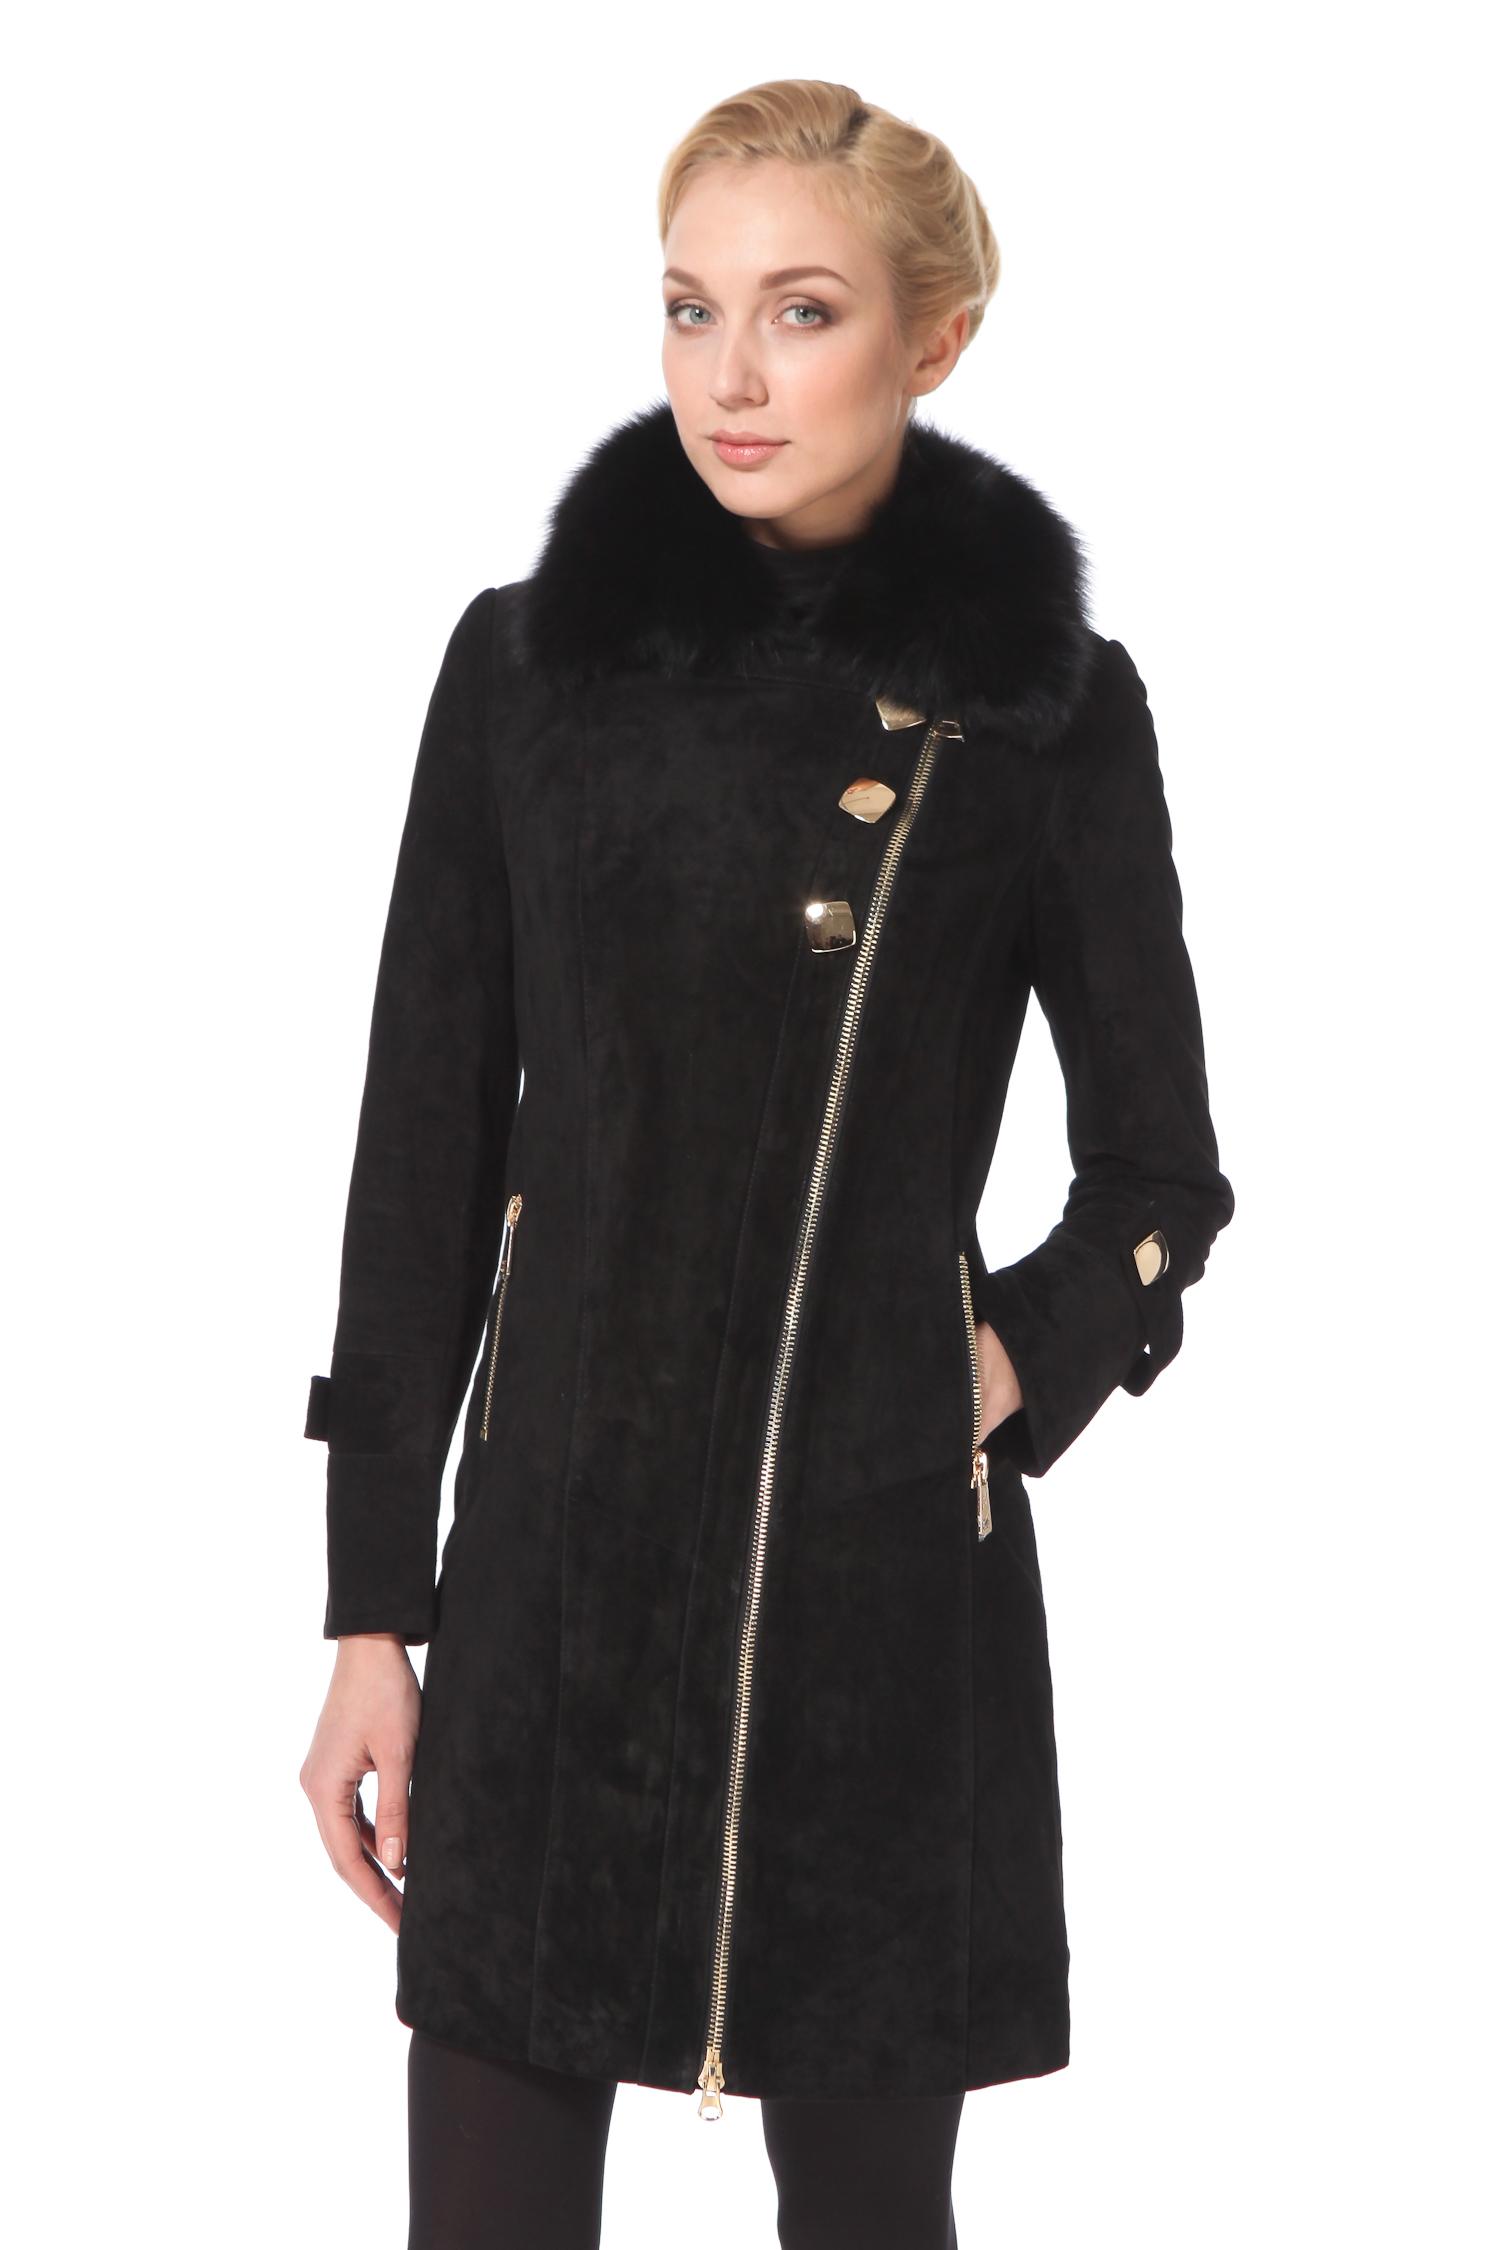 Женское кожаное пальто из натуральной замши с воротником, отделка песецЦвет  угольно-черный.<br><br>Отдав предпочтение укороченному замшевому пальто в стиле а ля косуха с аккуратным воротником из меха песца, вы можете не сомневаться в успешности вашего выбора не на один сезон. Крупная мобильная застежка-молния с двумя замками актуальна как всегда, но есть и новинка сезона  нестандартно большие пуговицы. Легкая и мобильная модель с выразительной металлической фурнитурой золотистого оттенка, так актуальной в предстоящем сезоне, станет настоящей находкой для молодой женщины, любящей движение, динамику и комфорт. Оригинальное, немного агрессивное пальто позволит в любой ситуации сохранить уверенность в собственной привлекательности.<br><br>Воротник: отложной<br>Длина см: Длинная (свыше 90)<br>Материал: Замша<br>Цвет: черный<br>Вид застежки: косая<br>Застежка: на молнии<br>Пол: Женский<br>Размер RU: 48